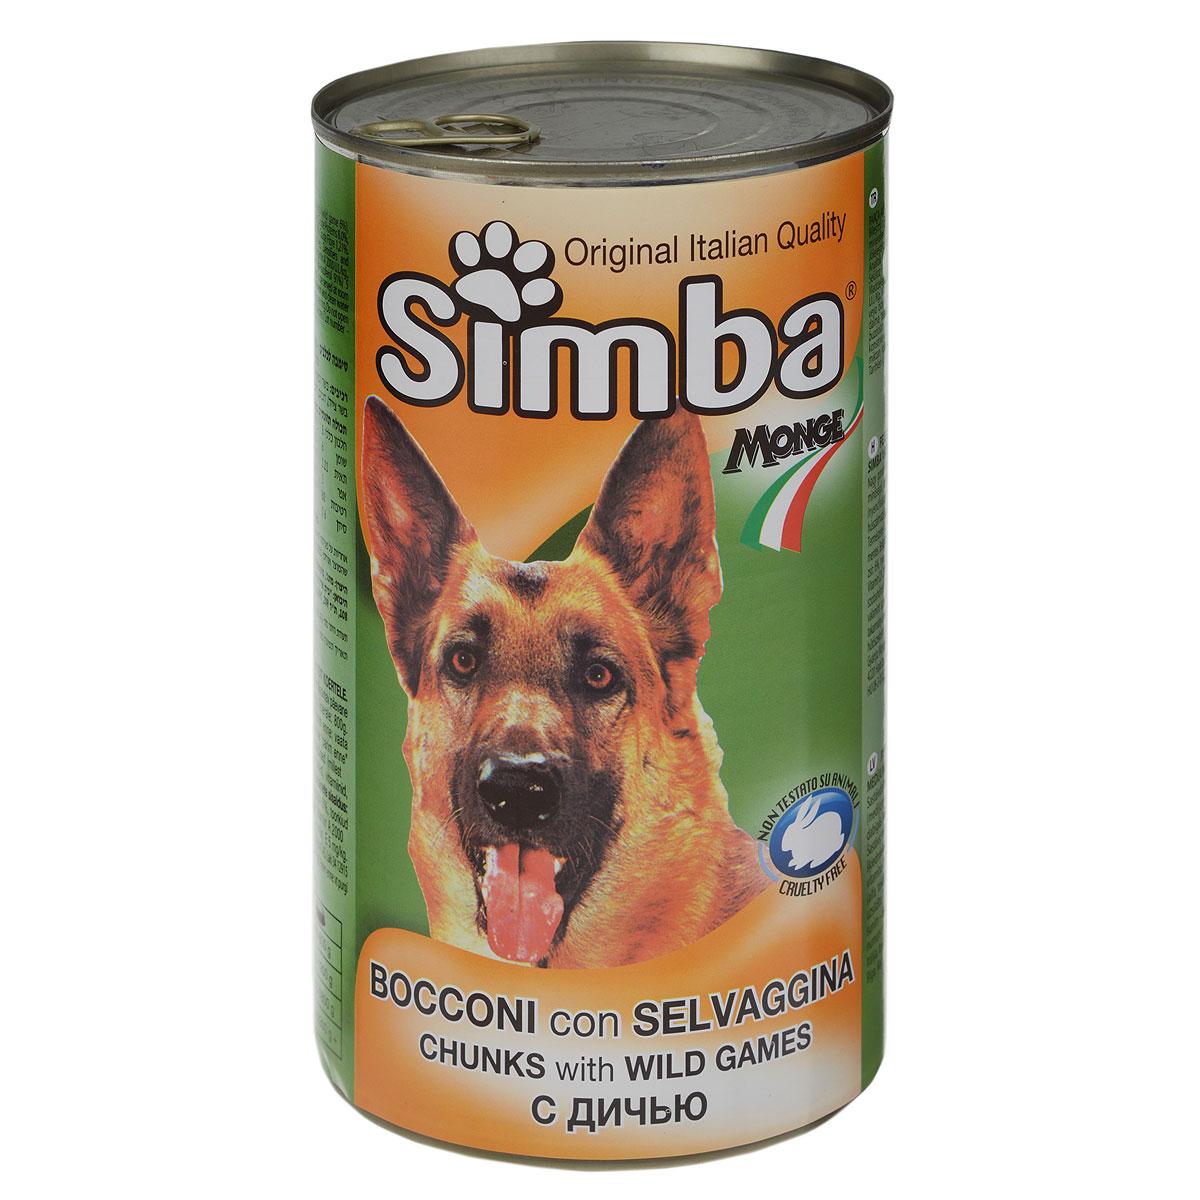 Консервы для собак Monge Simba, кусочки с дичью, 1230 г70009157Консервы для собак Monge Simba - это полноценный сбалансированный корм для собак. Кусочки с дичью в соусе. Состав: мясо и мясные субпродукты (мясо дичи не менее 6%), злаки, минеральные вещества, витамины, натуральные красители и вкусовые добавки. Анализ компонентов: протеин 8%, жир 6%, клетчатка 1,21%, зола 3%, влажность 80%. Витамины и добавки на 1 кг: витамин А 2000 МЕ, витамин D3 200 МЕ, витамин Е 5 мг. Товар сертифицирован.